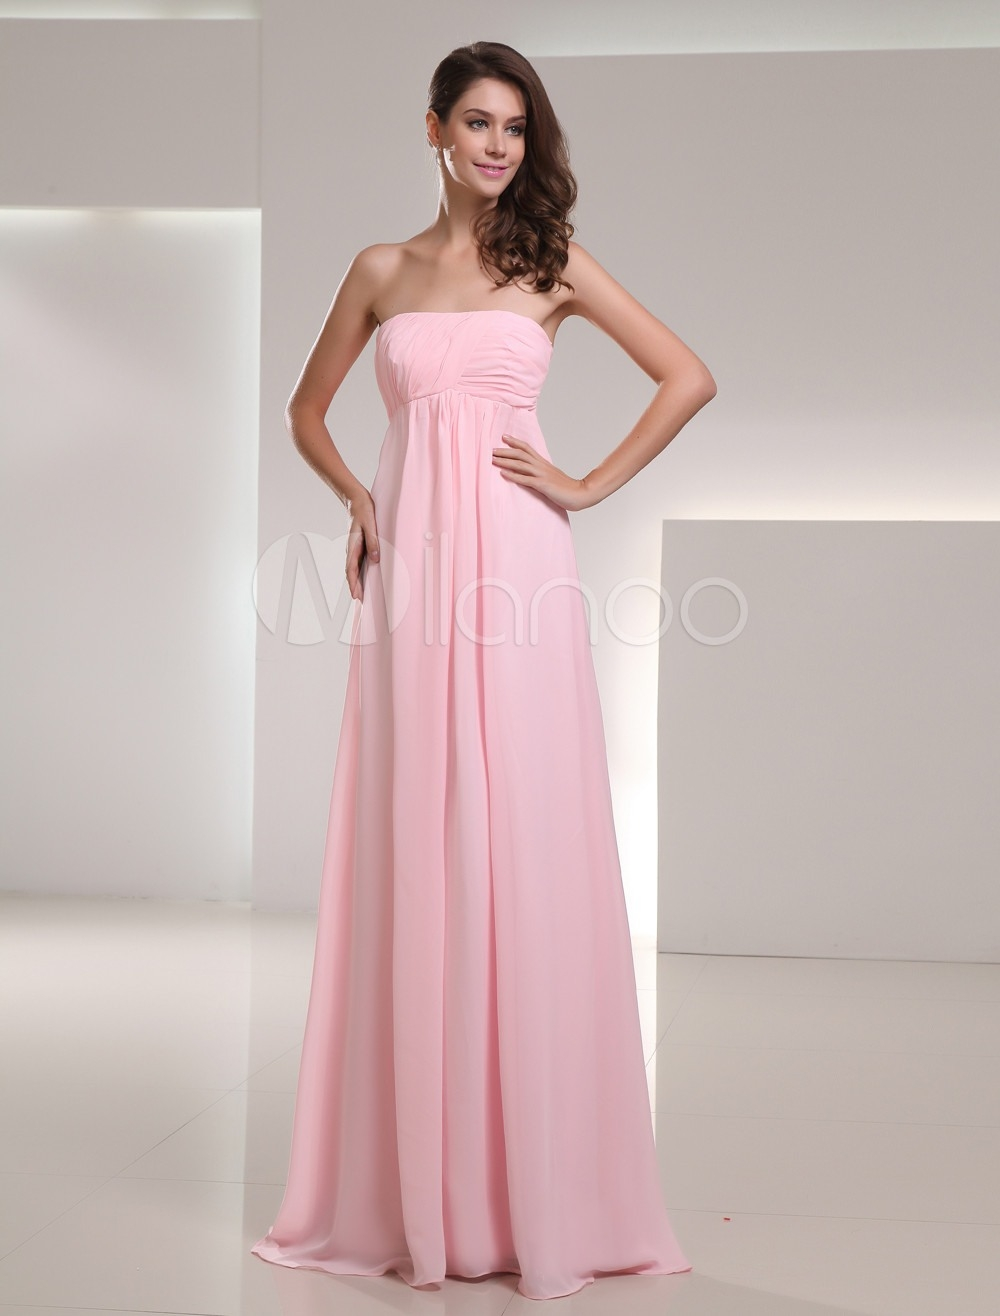 13 Perfekt Kleid Für Hochzeit Rosa Spezialgebiet13 Schön Kleid Für Hochzeit Rosa Vertrieb